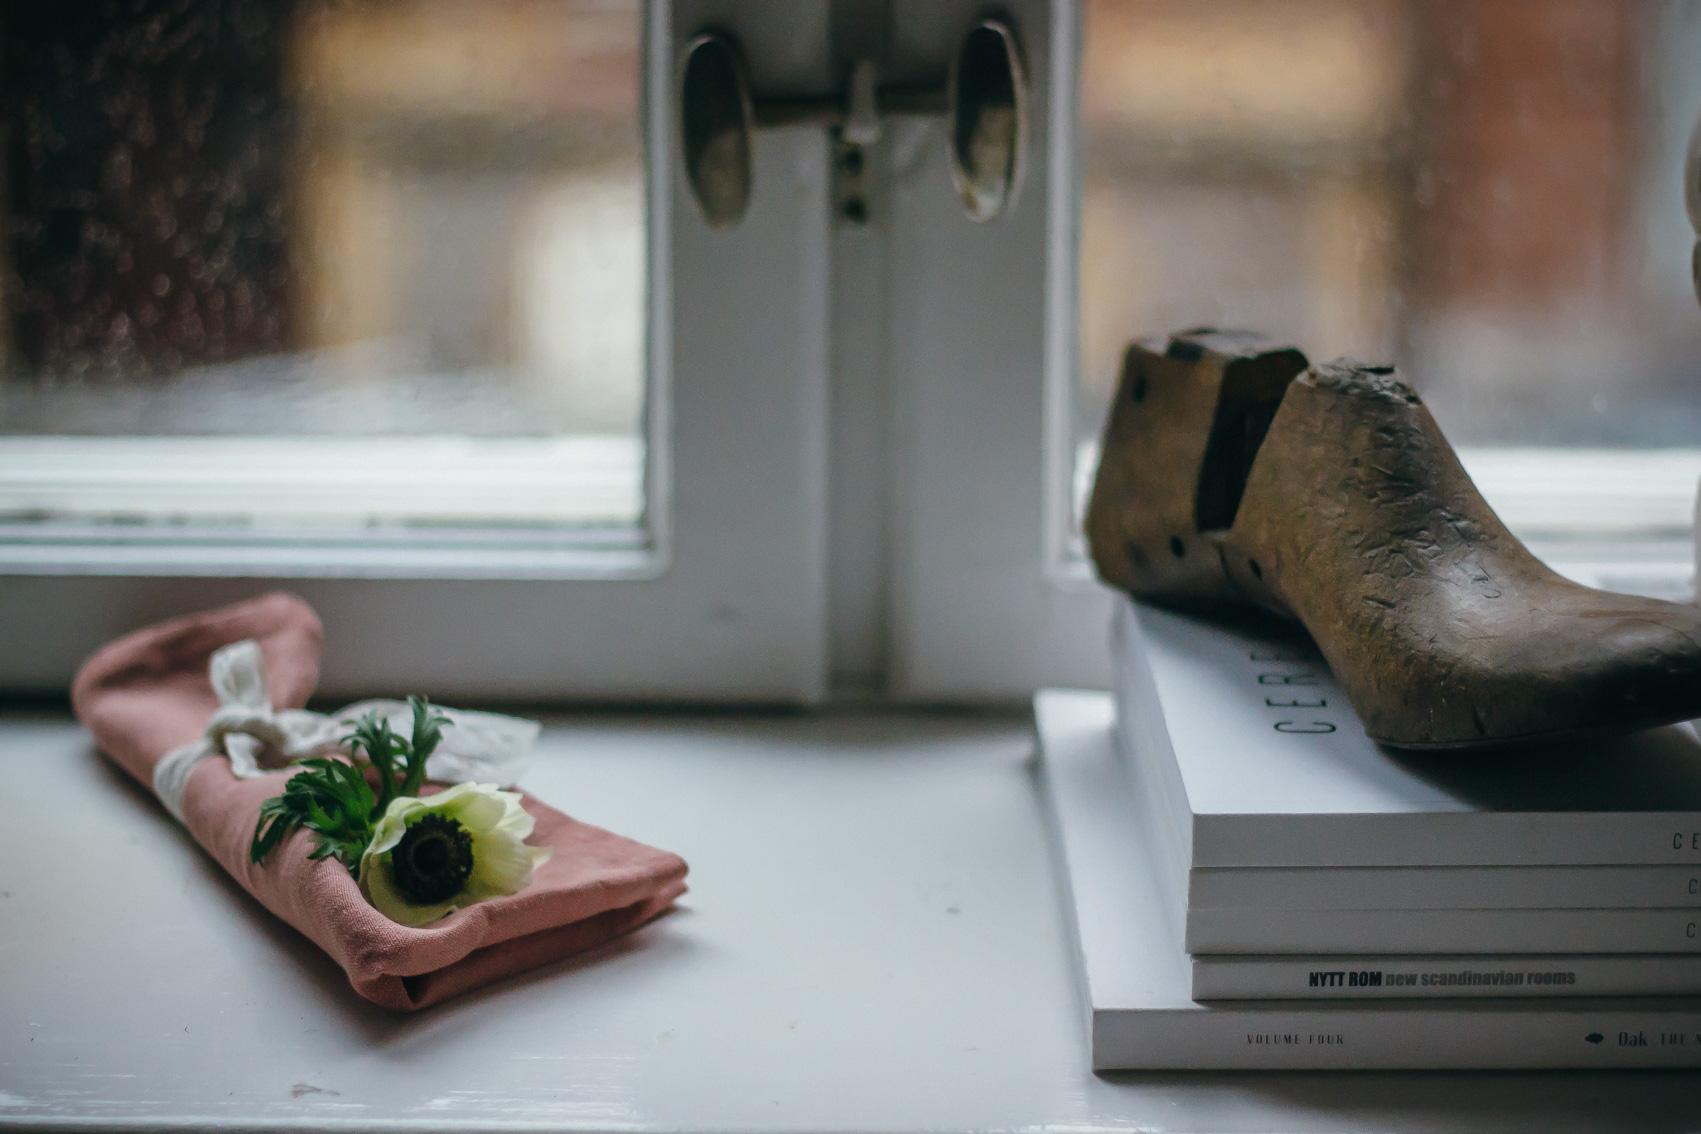 fotografering fönster lyckebo midbec tapeter_1